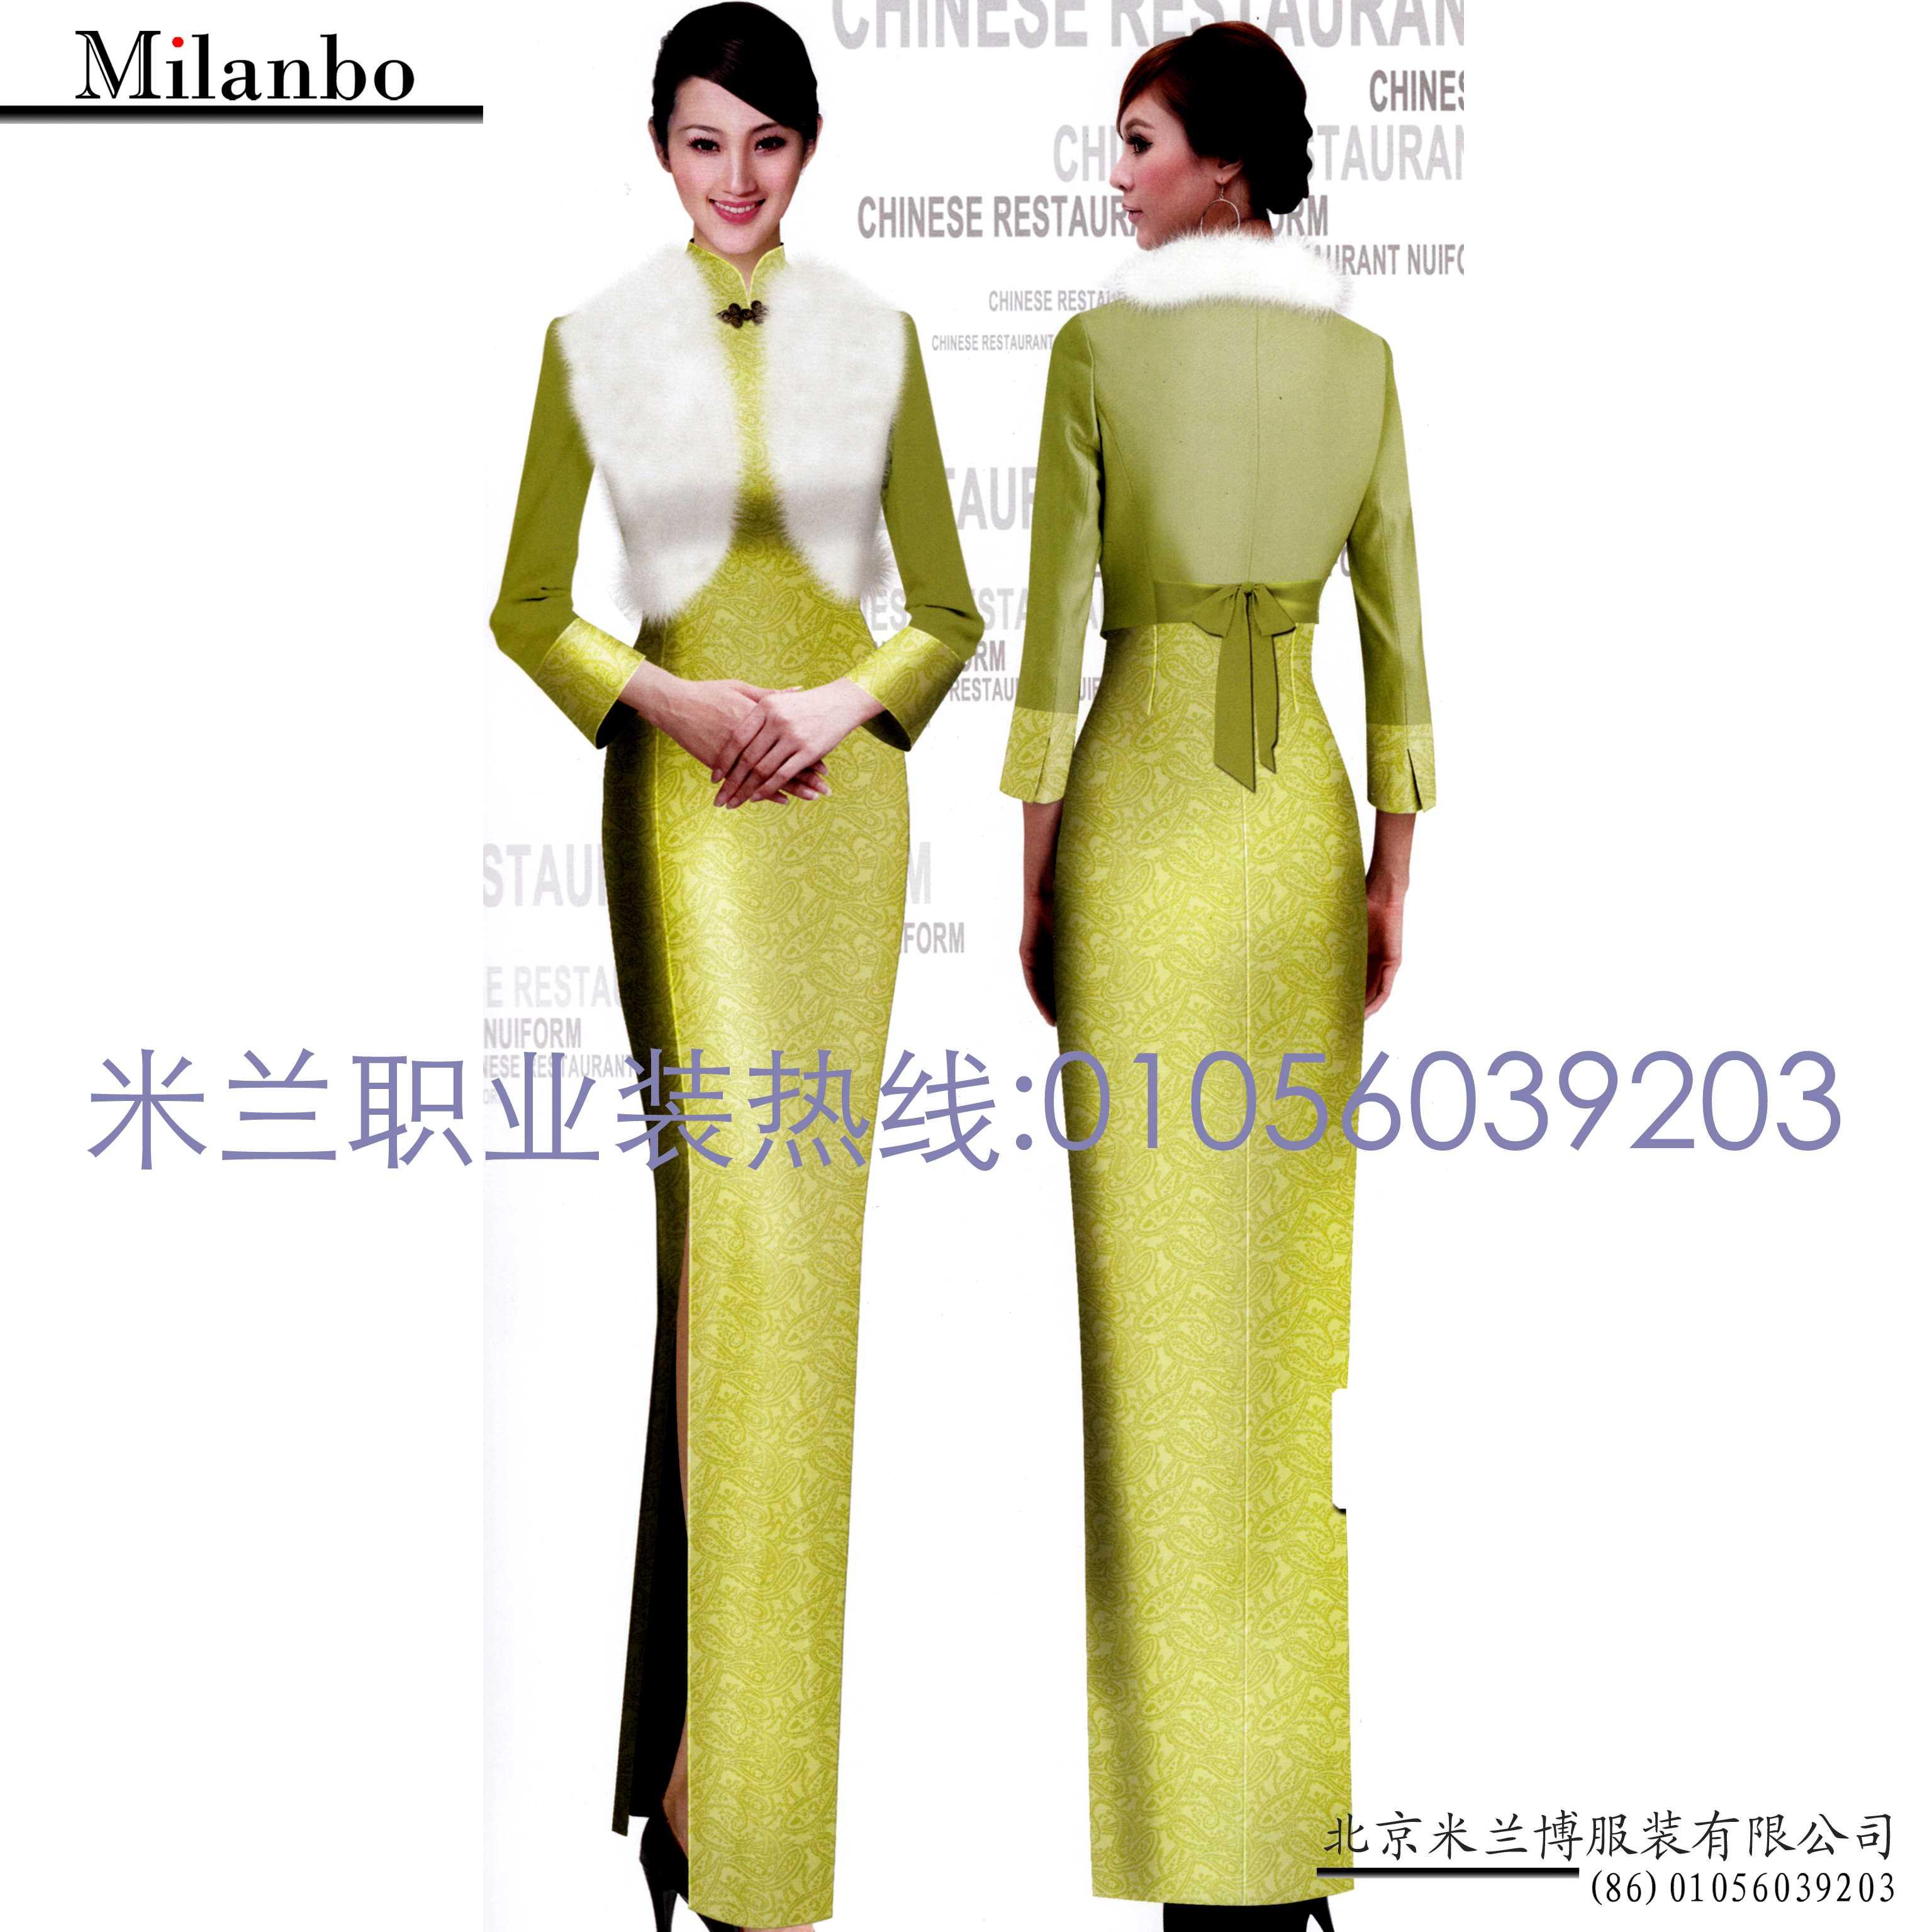 「中式旗袍定制」「古典旗袍订制」-米兰弘品牌服装-5